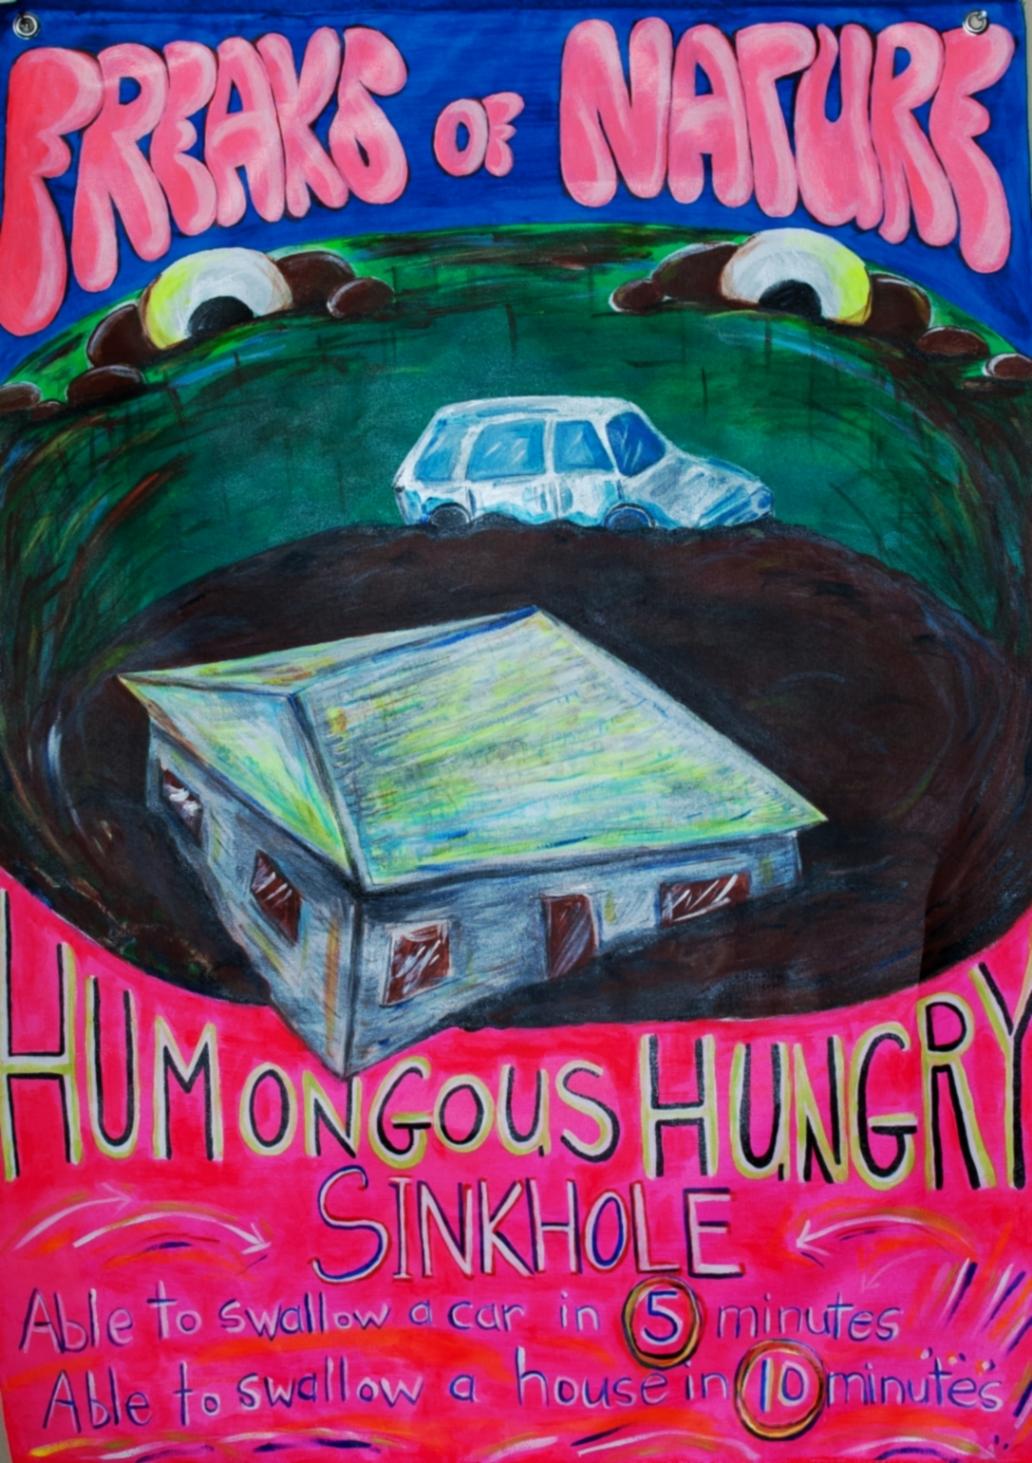 Hungry Sink hole